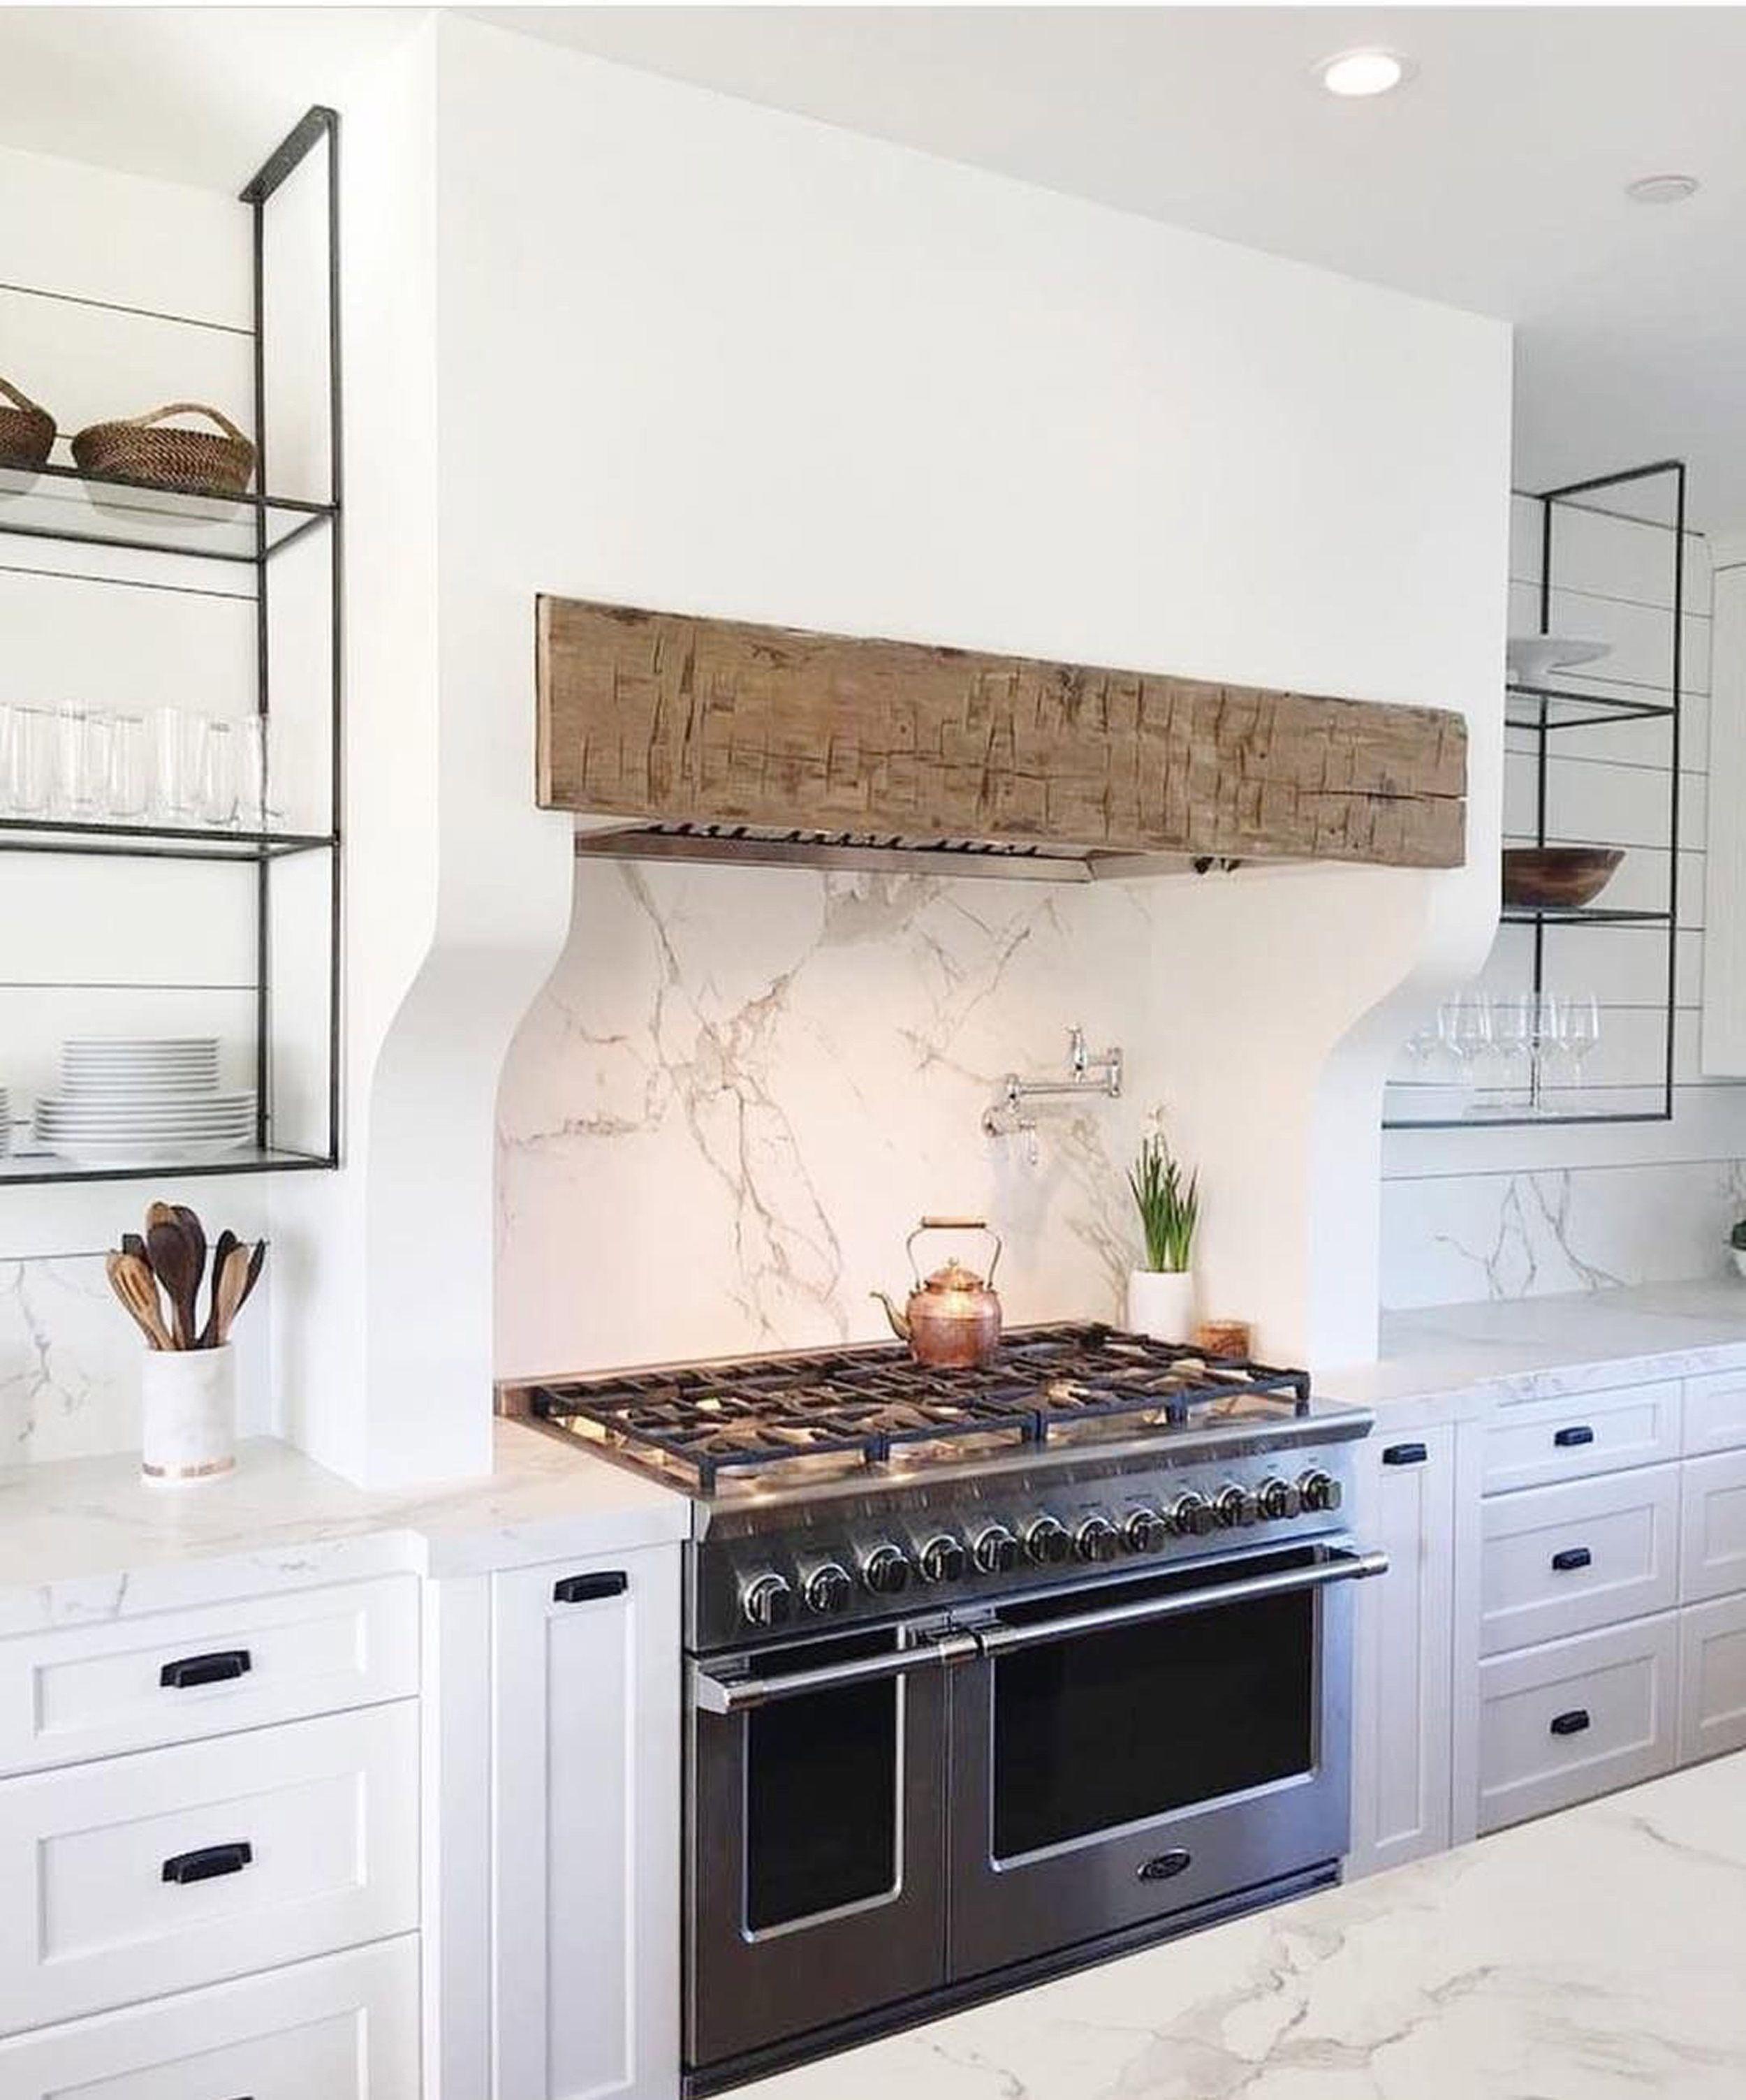 2018 Design Trends Kitchen Kitchen Range Hood Kitchen Trends White Kitchen Design